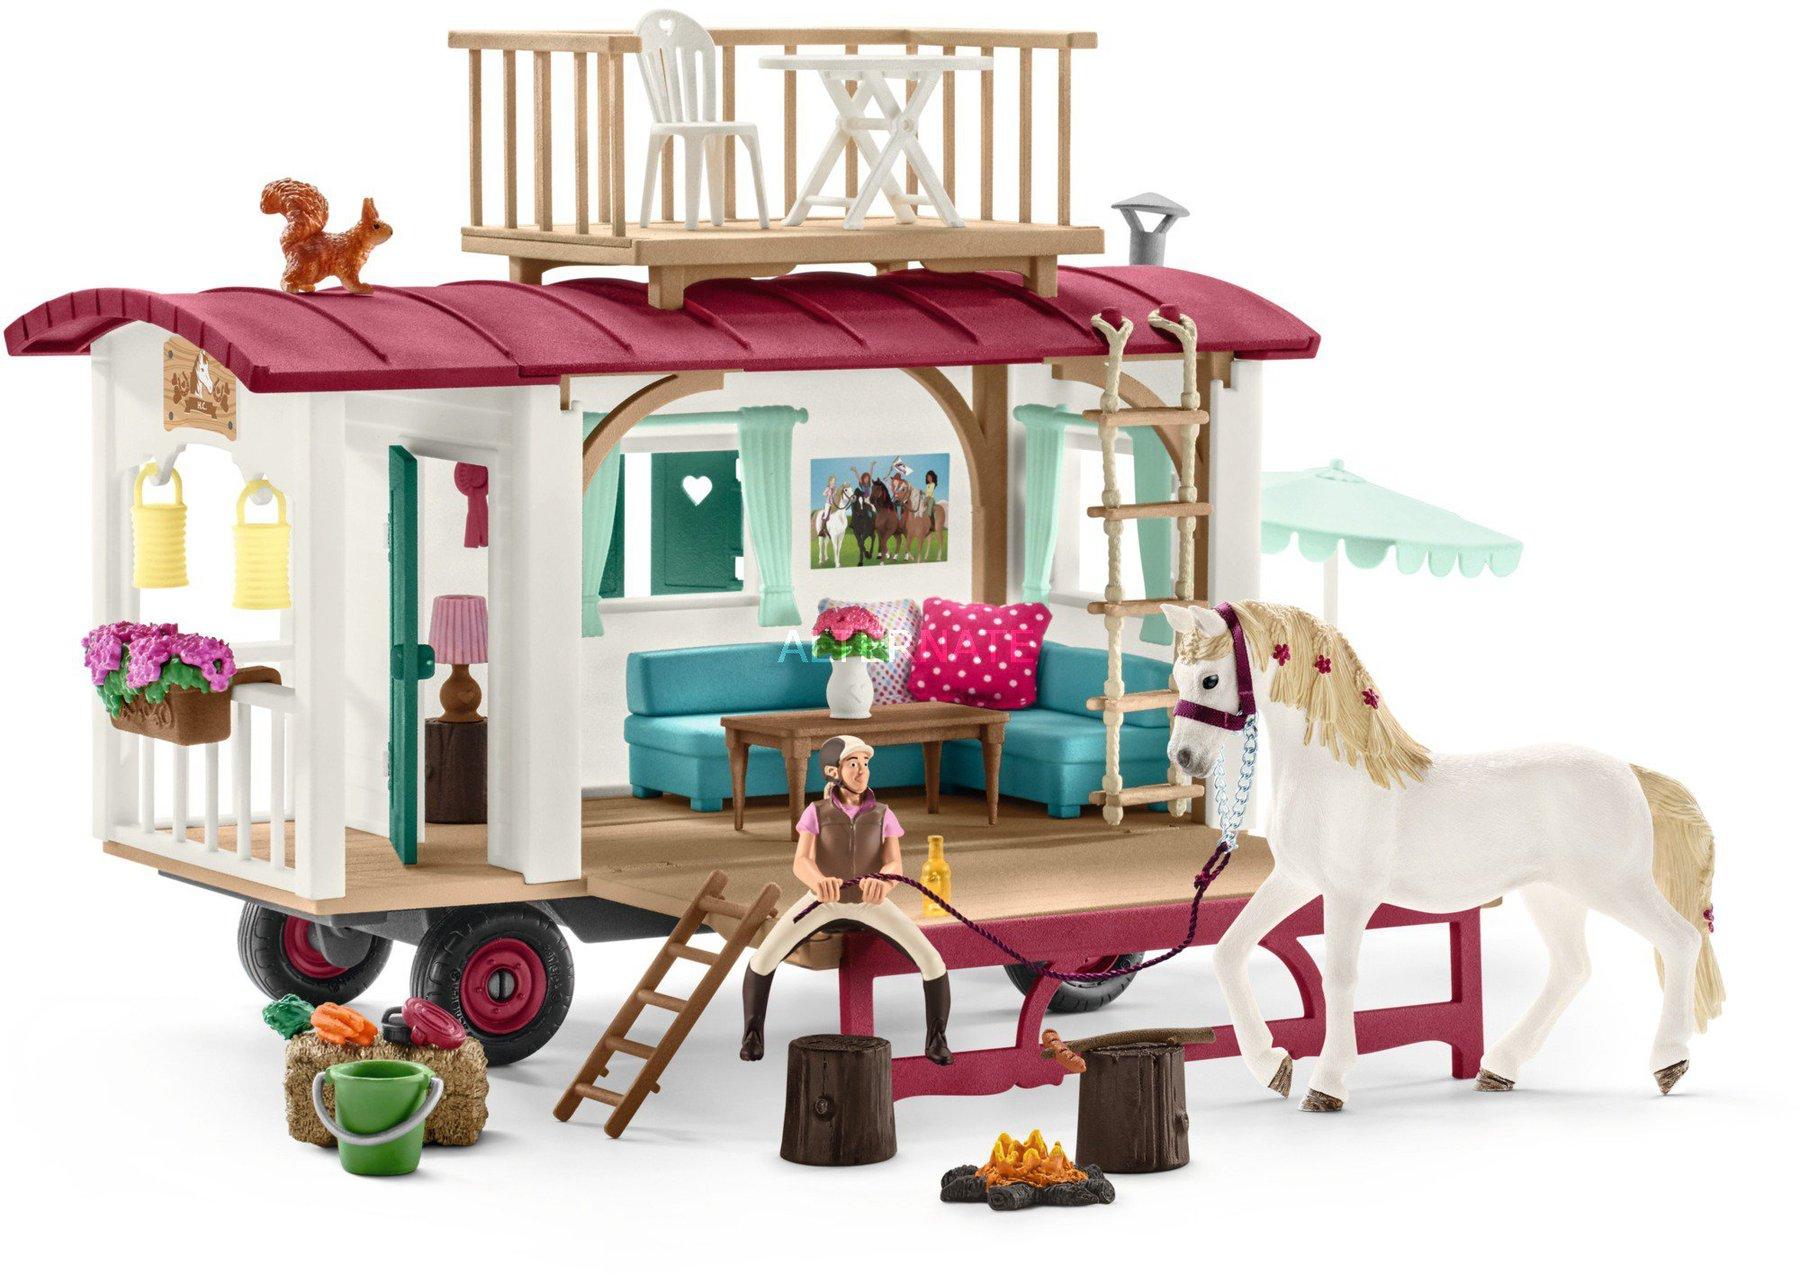 Schleich 42338 Reitturnier mit Pferde Spielfiguren günstig kaufen Action- & Spielfiguren